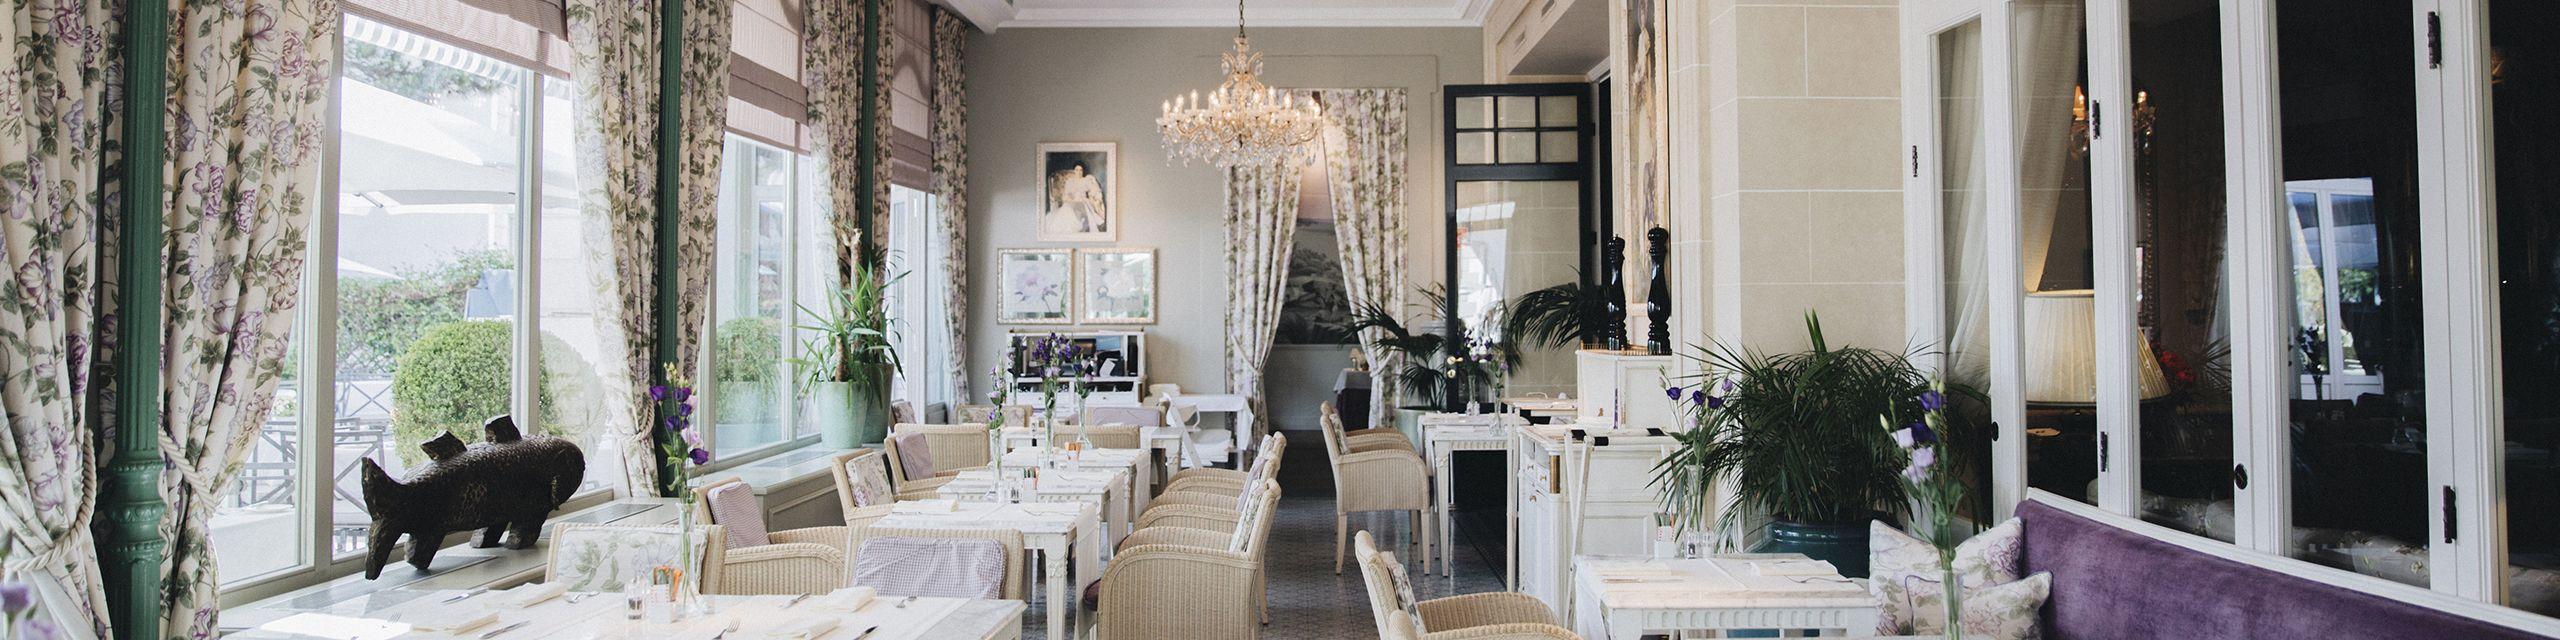 Brasserie La Véranda - Grand Hôtel du Lac Vevey